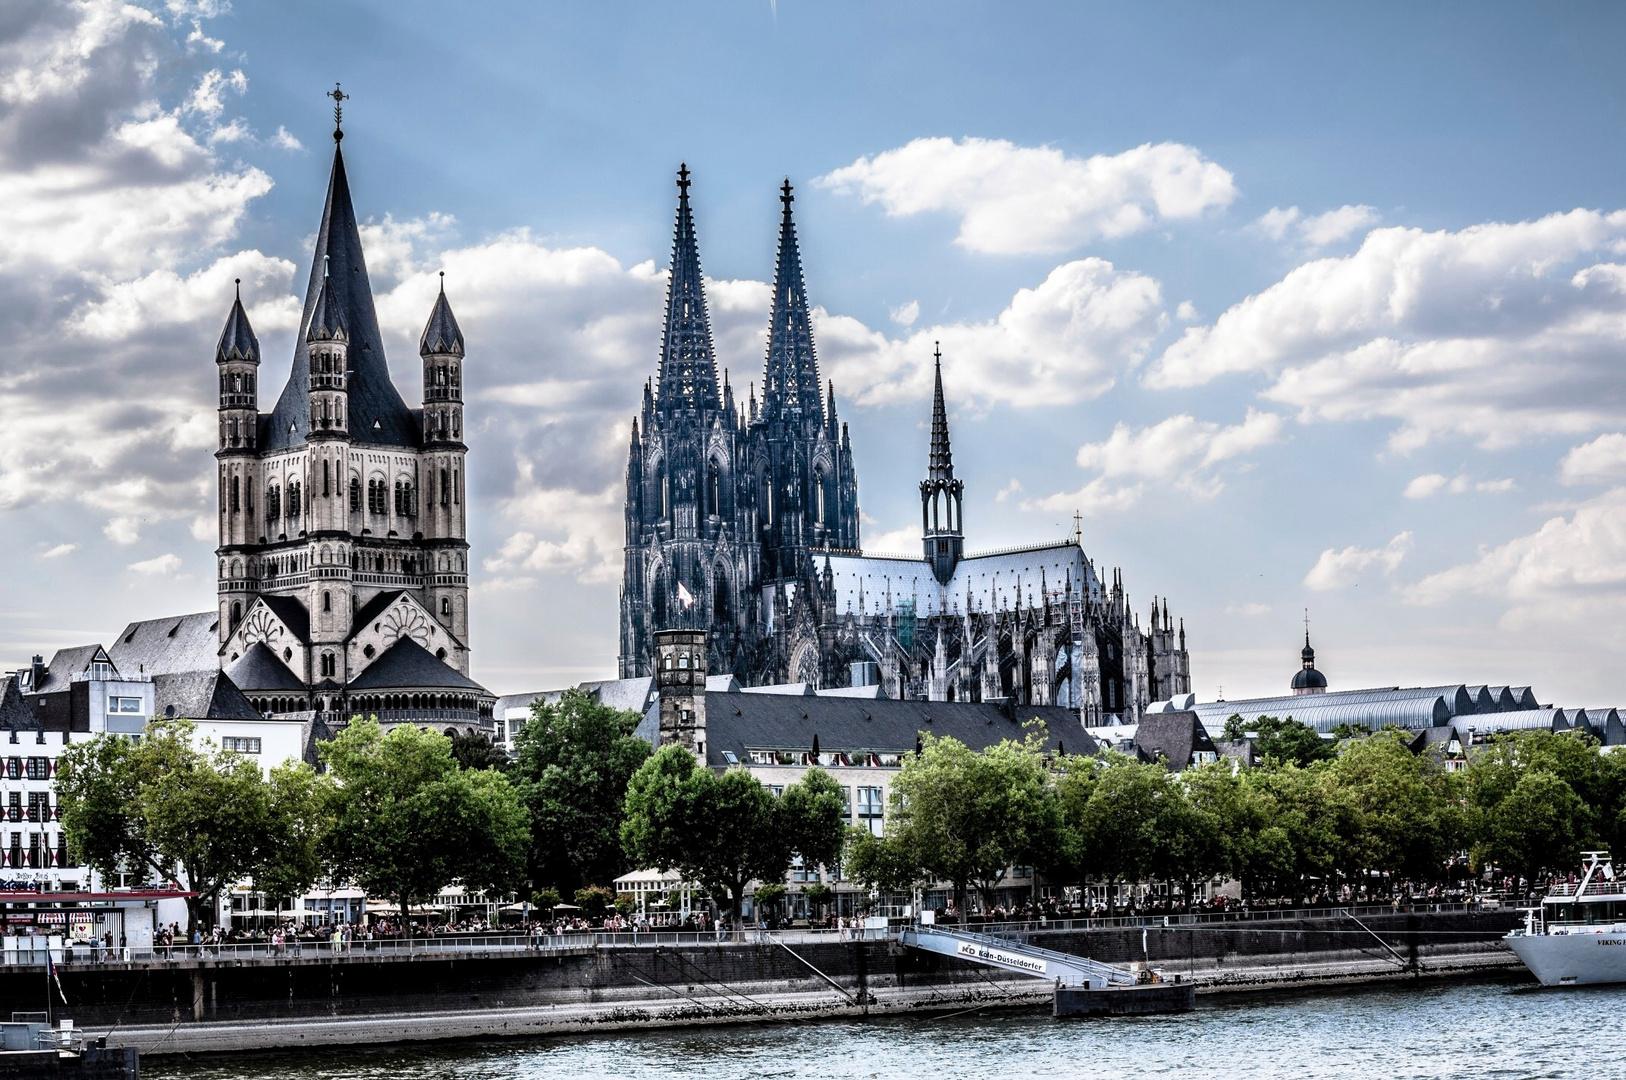 Kölner Pracht